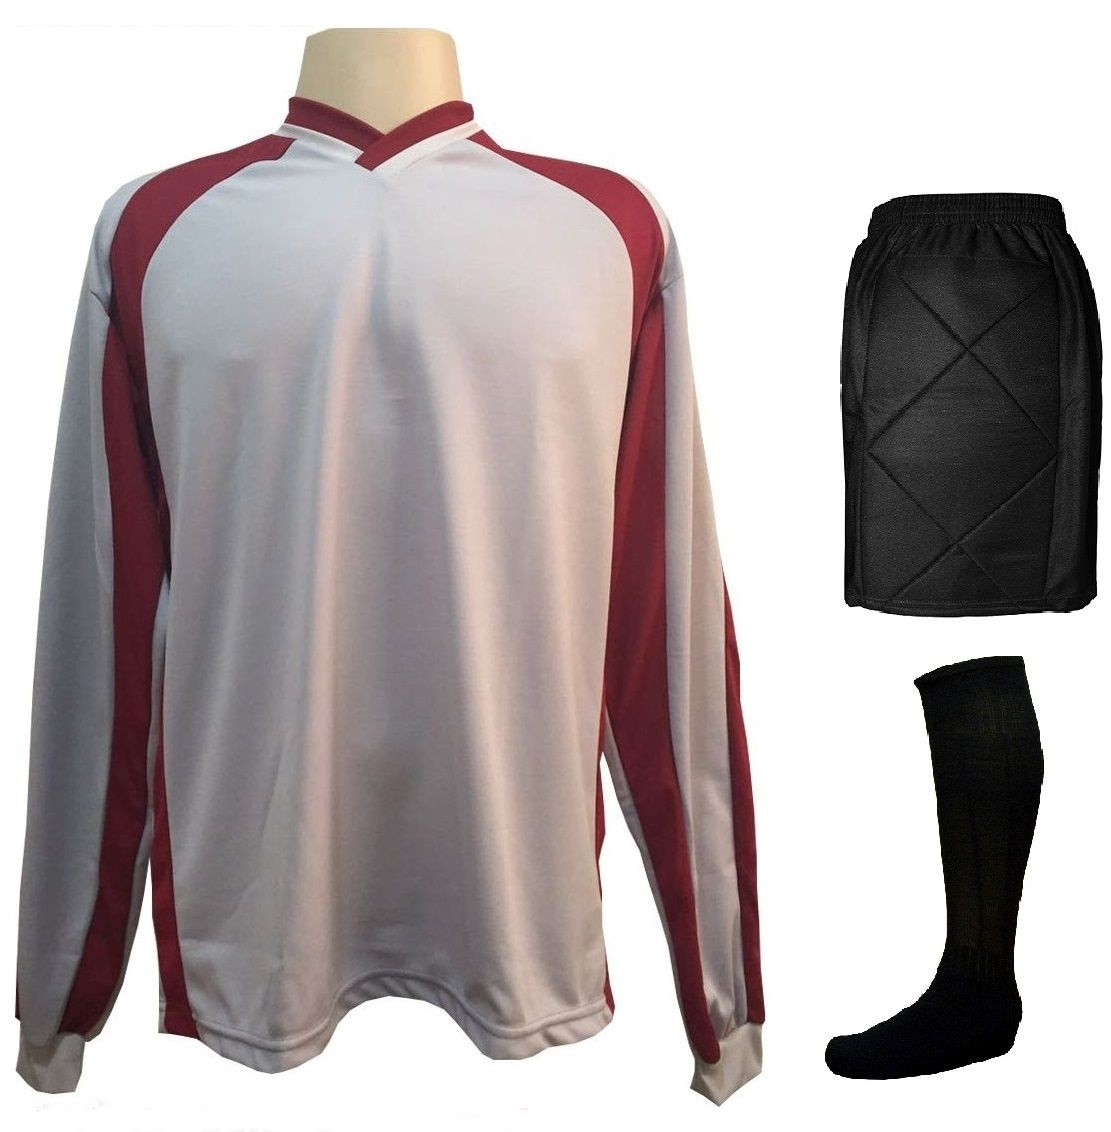 Fardamento Completo modelo Bélgica 20+2 (20 camisas Vermelho/Branco + 20 calções modelo Madrid Branco + 20 pares de meiões Branco + 2 conjuntos de goleiro) + Brindes